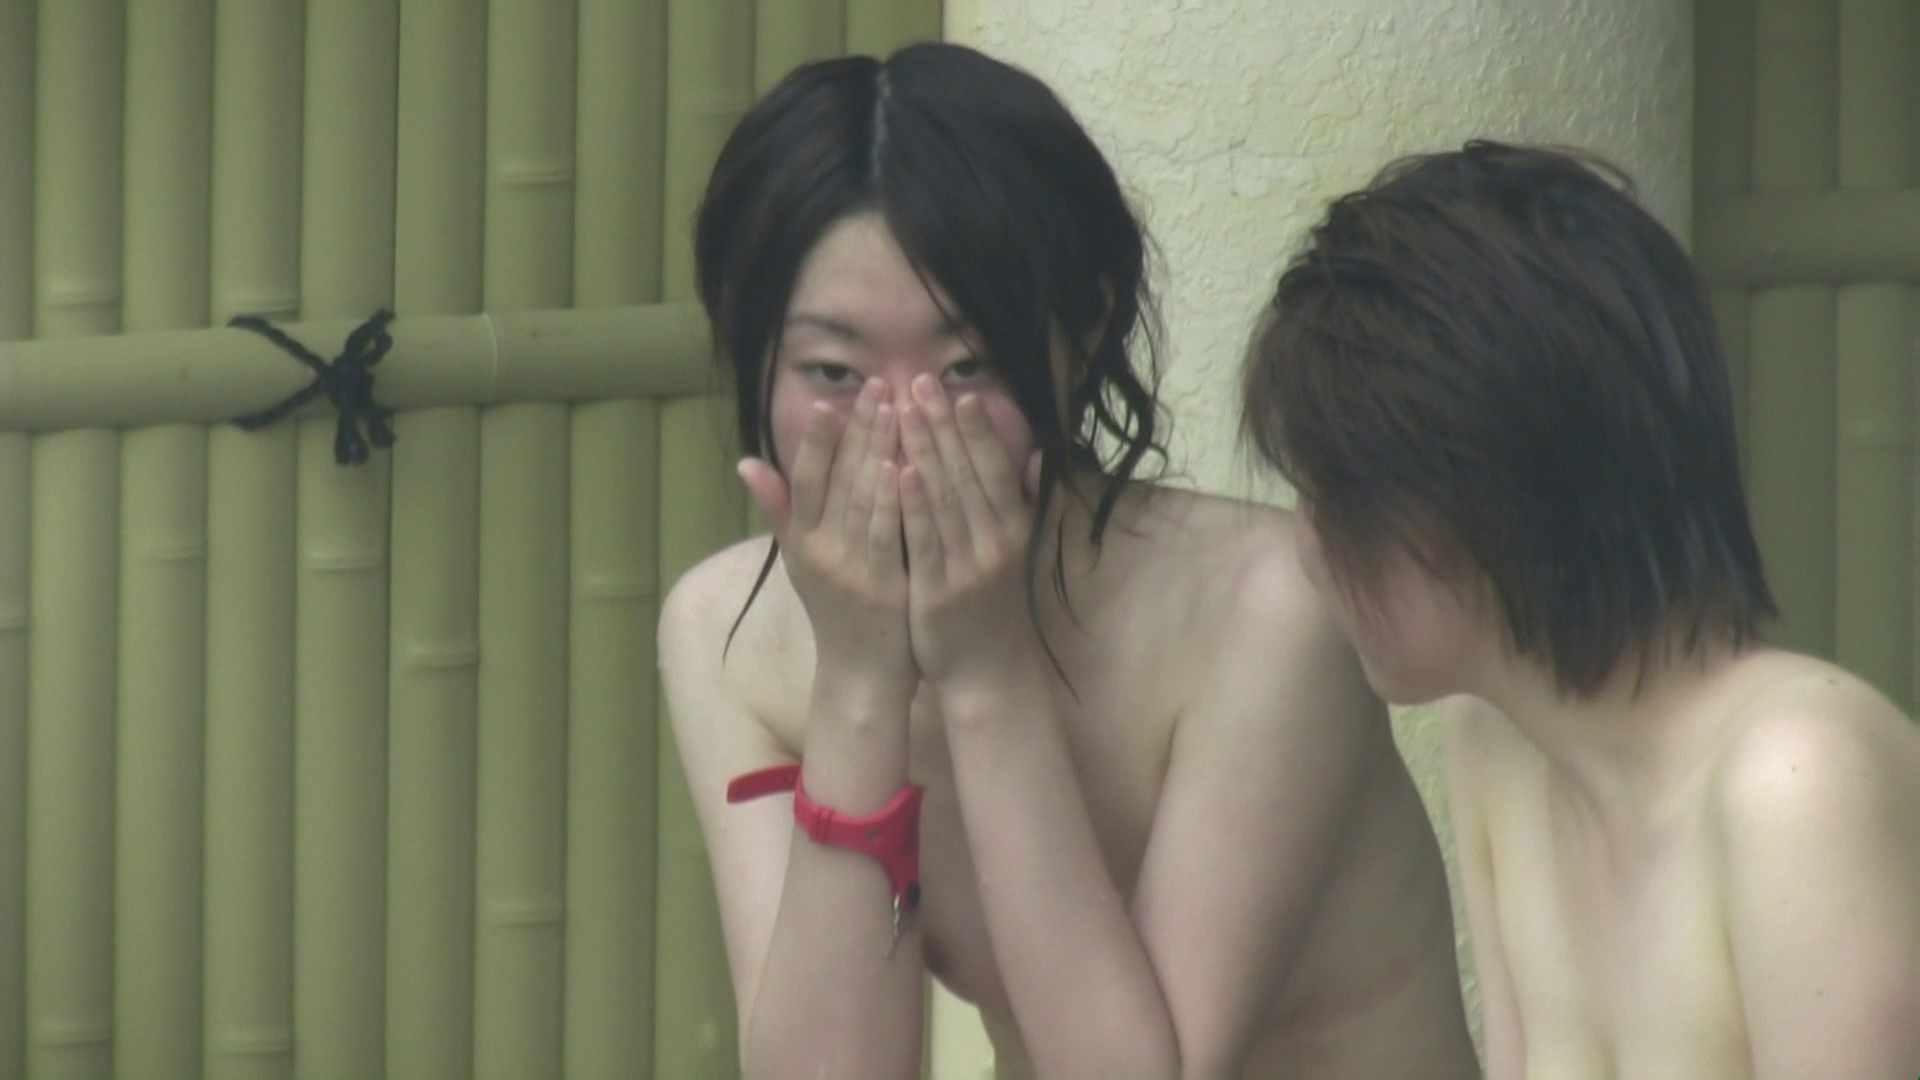 高画質露天女風呂観察 vol.025 ギャル入浴 | 乙女  81連発 15